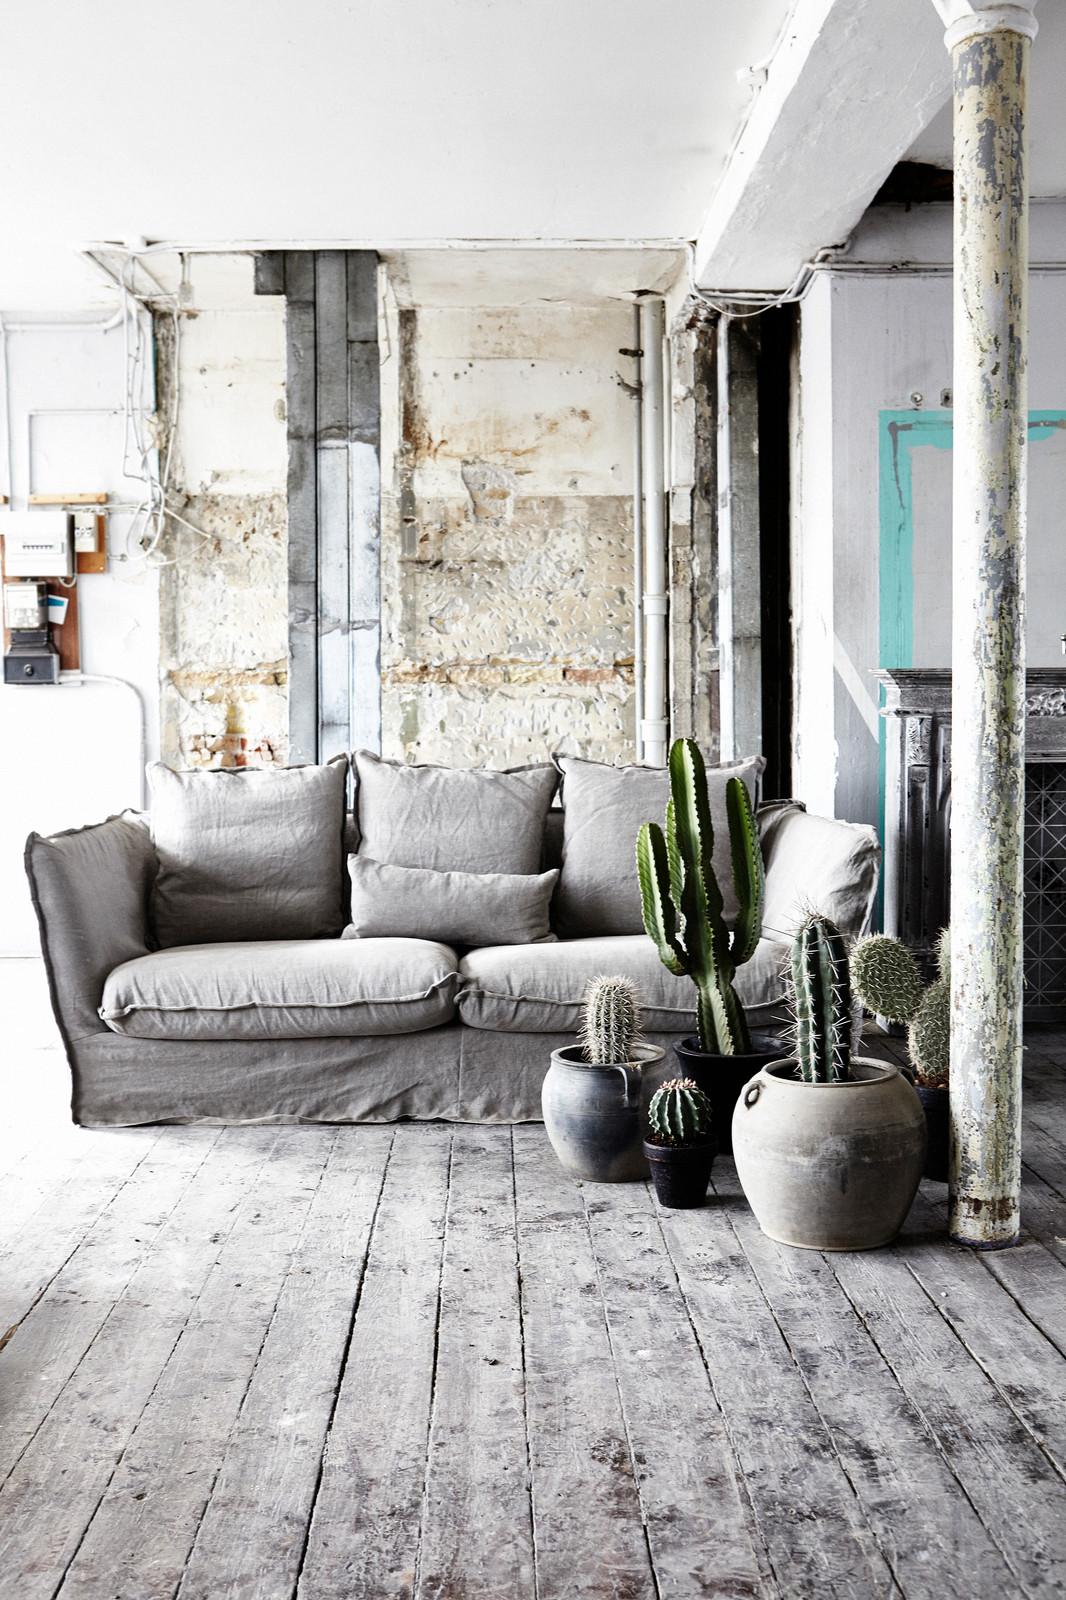 Interior Stylist | Annette Riis-Carstensen | Interior